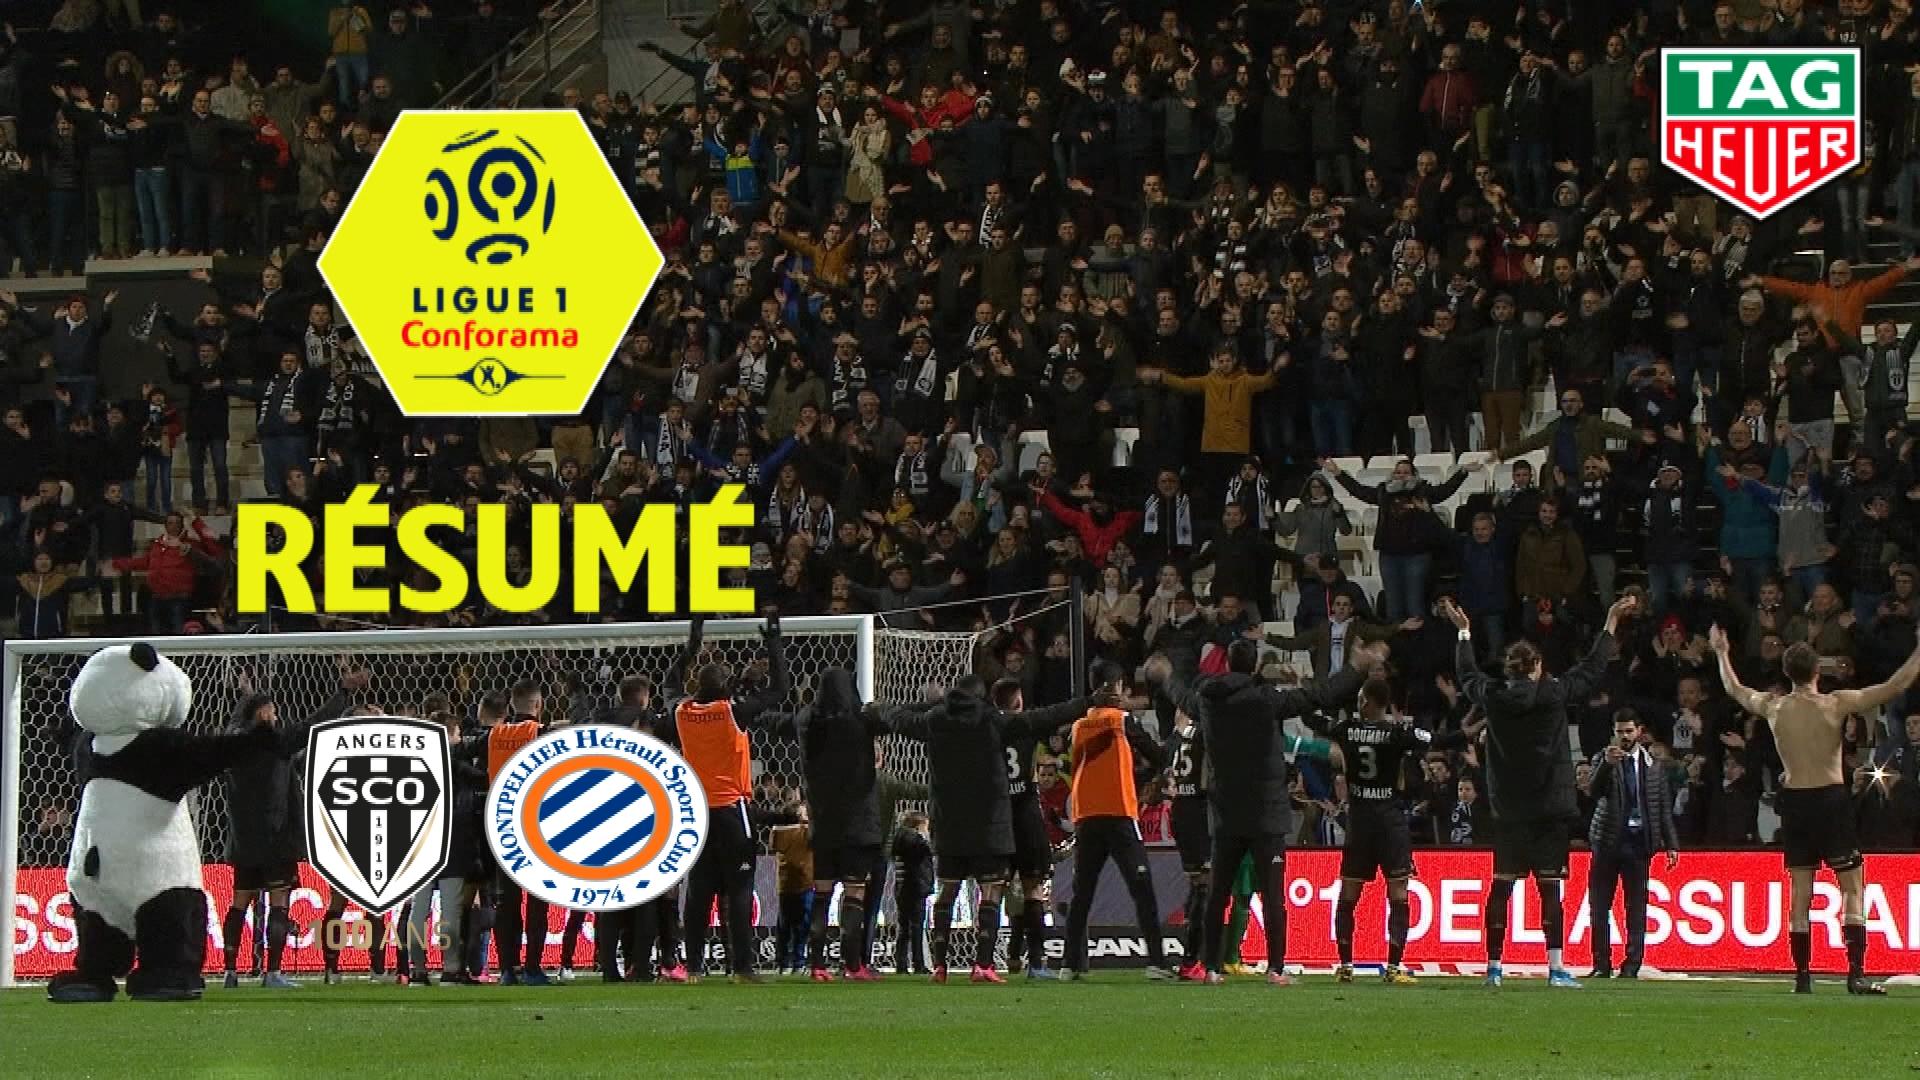 Angers SCO - Montpellier Hérault SC (1-0)  - Résumé - (SCO-MHSC) / 2019-20